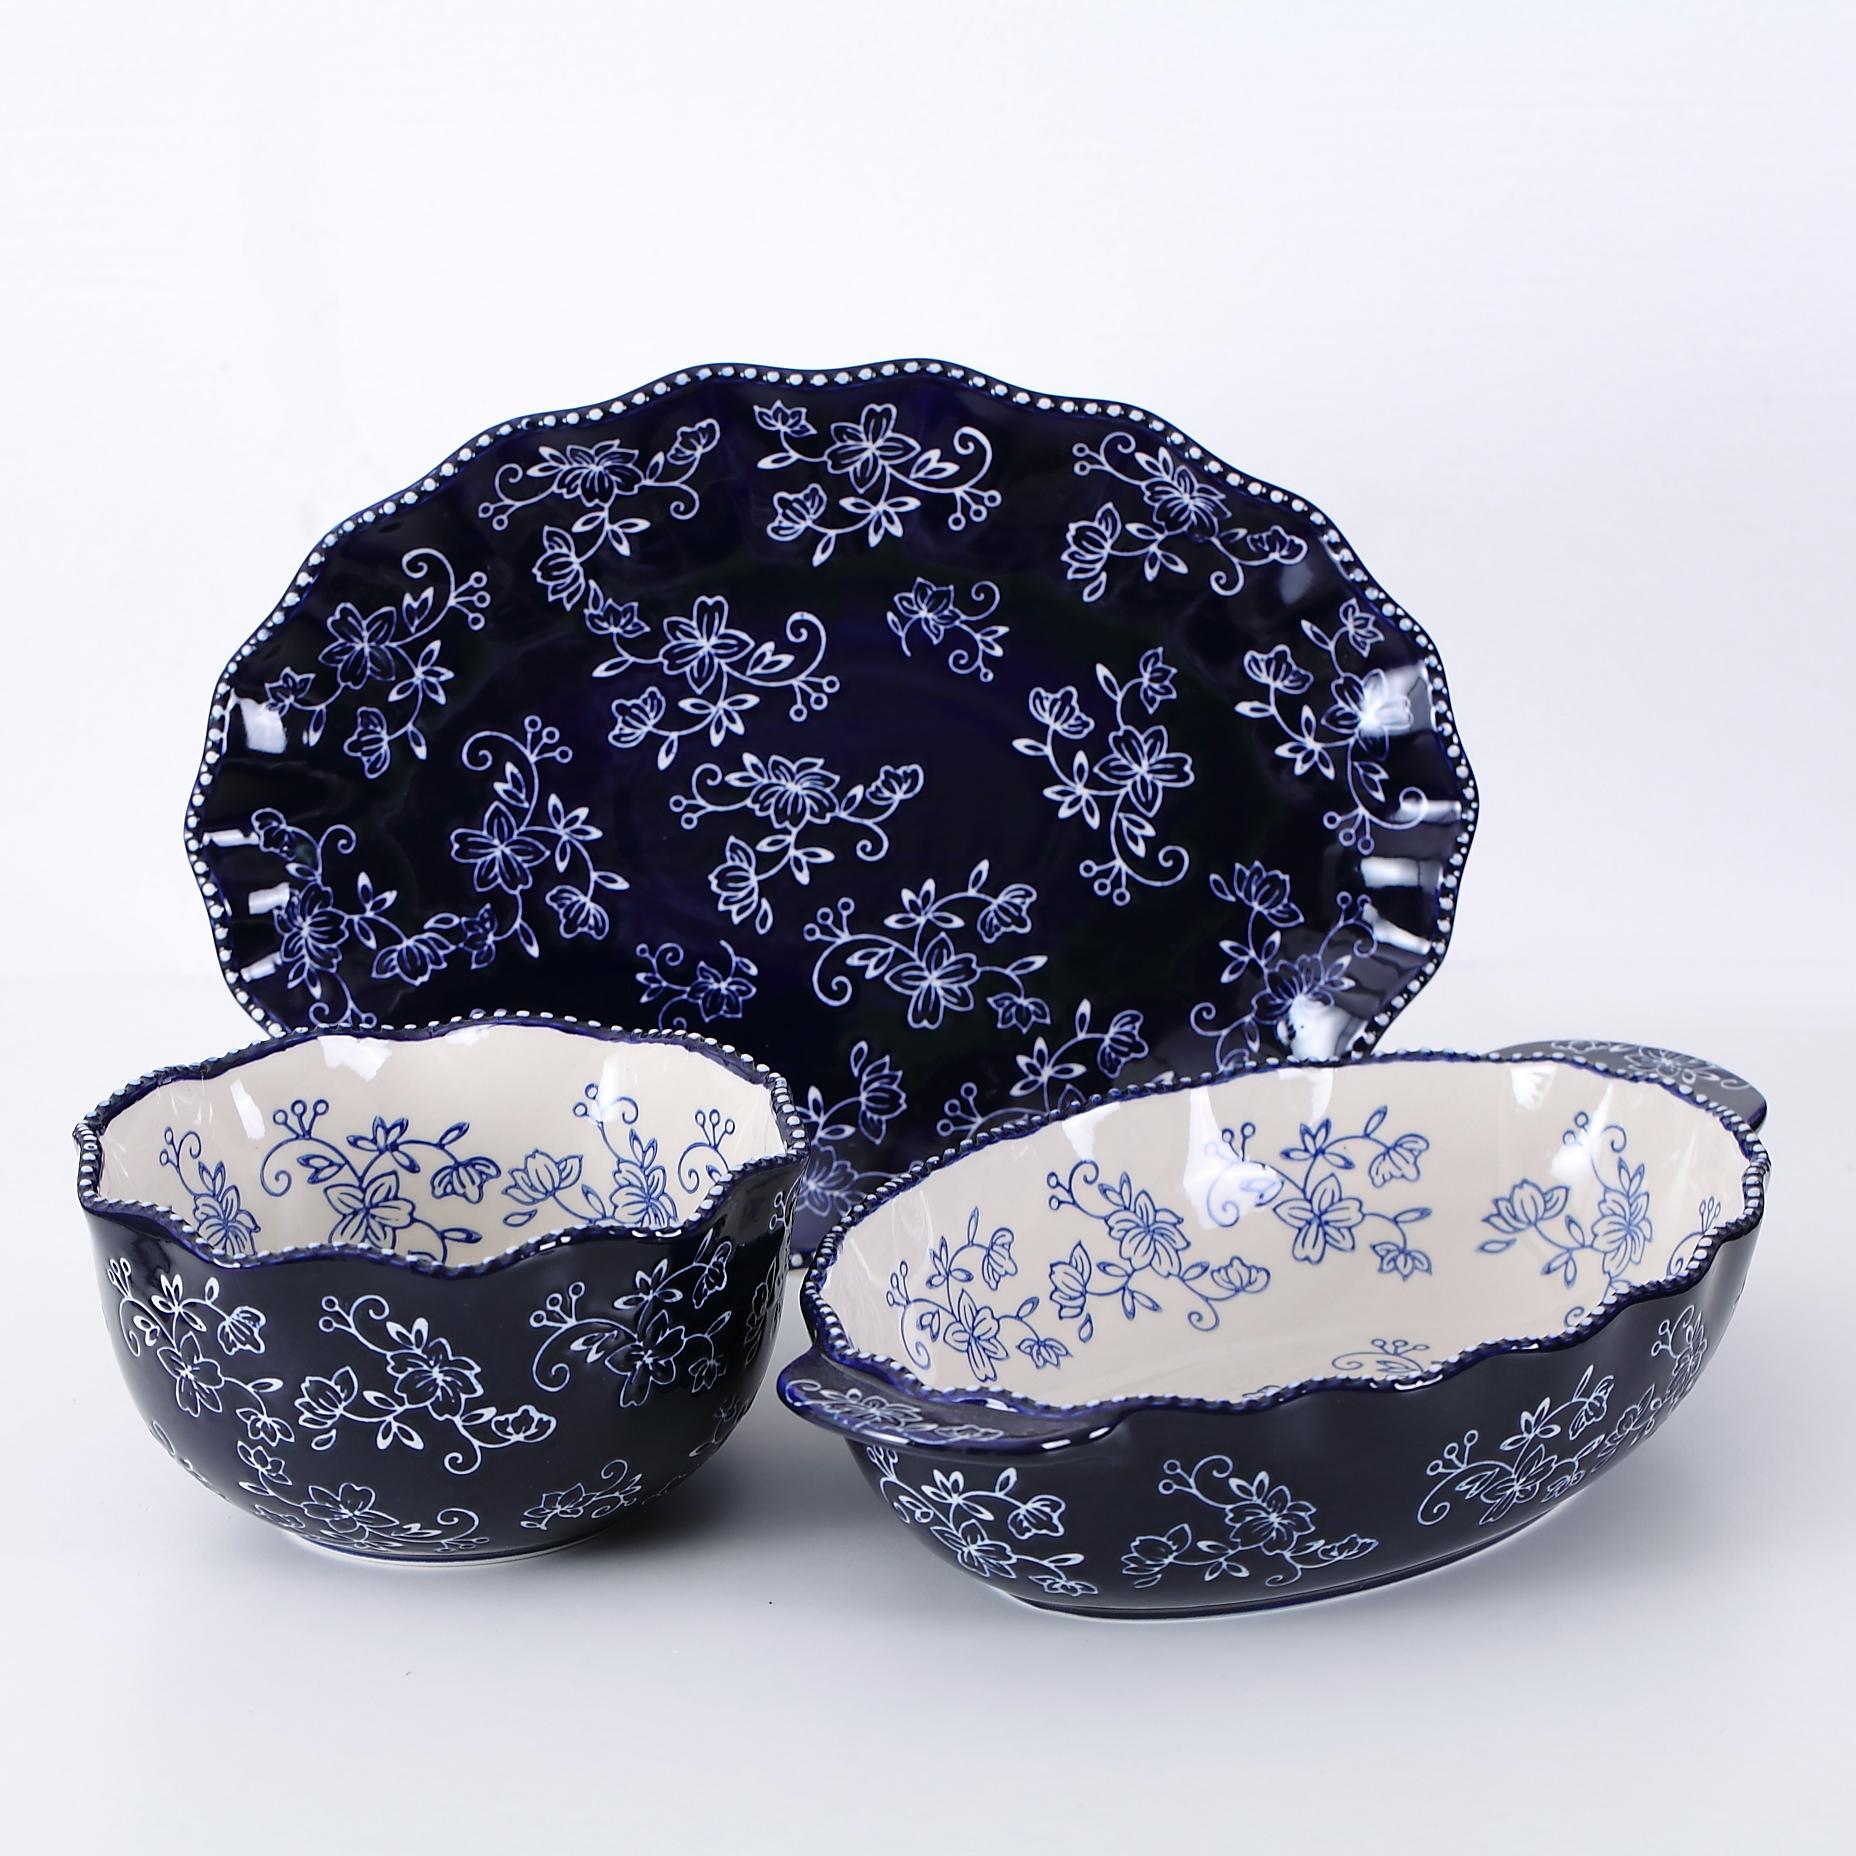 temp-tations® Floral Lace Side Series Set – 3 Piece – Blue